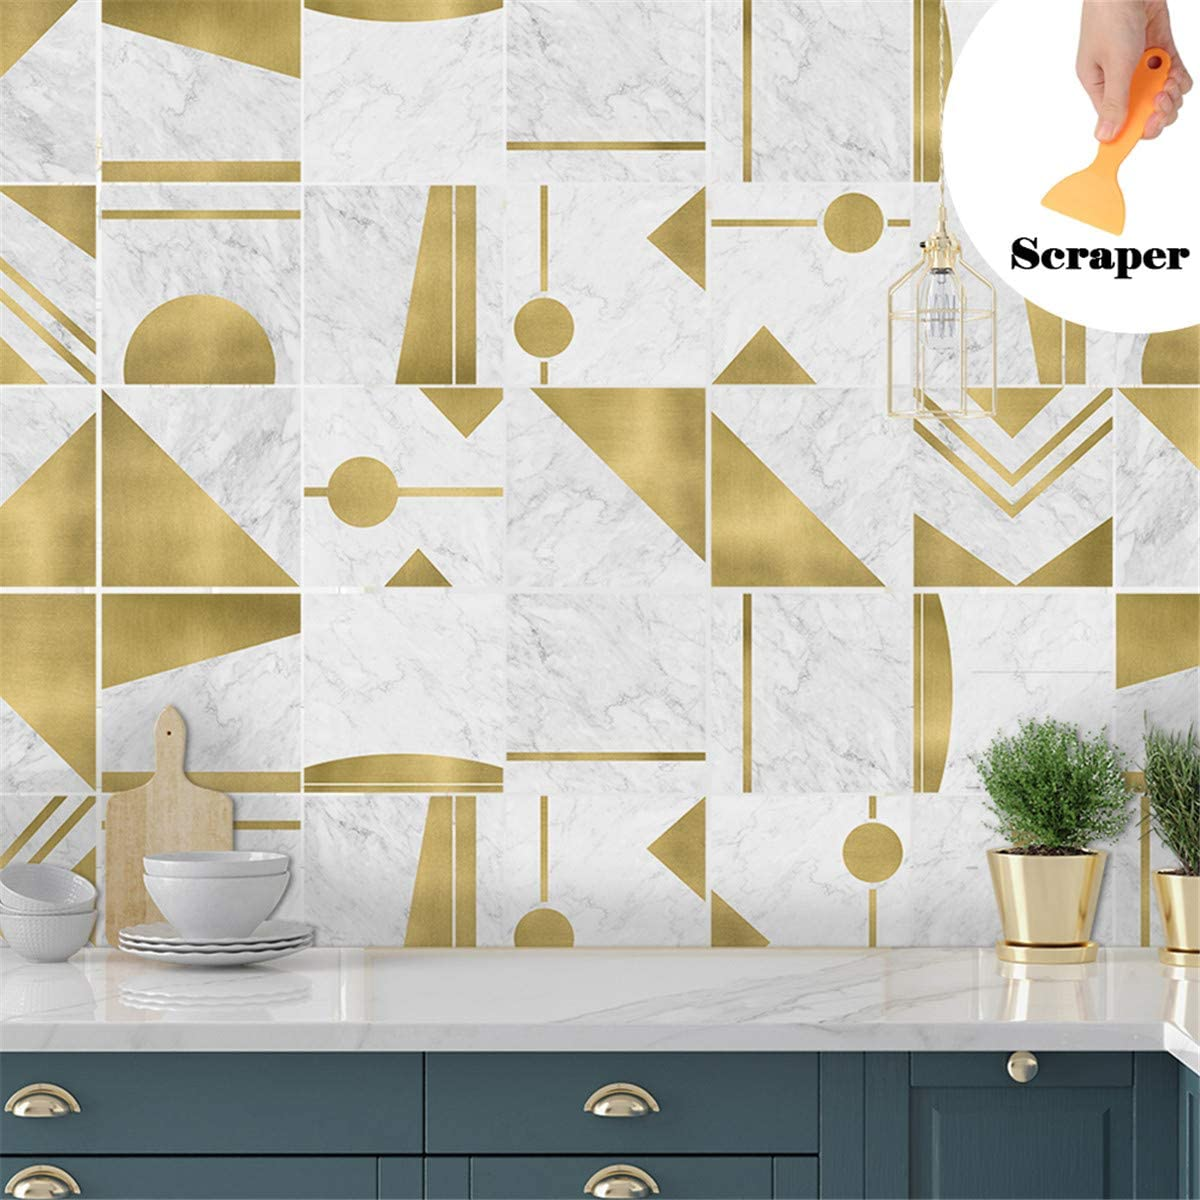 Auto-adh/ésif Imperm/éable 3D Marocain Style Adh/ésive D/écorative /à Carreaux Hiser 10 Pi/èces Stickers Carrelage pour Salle de Bain Cuisine Blanc Gris,10x10cm